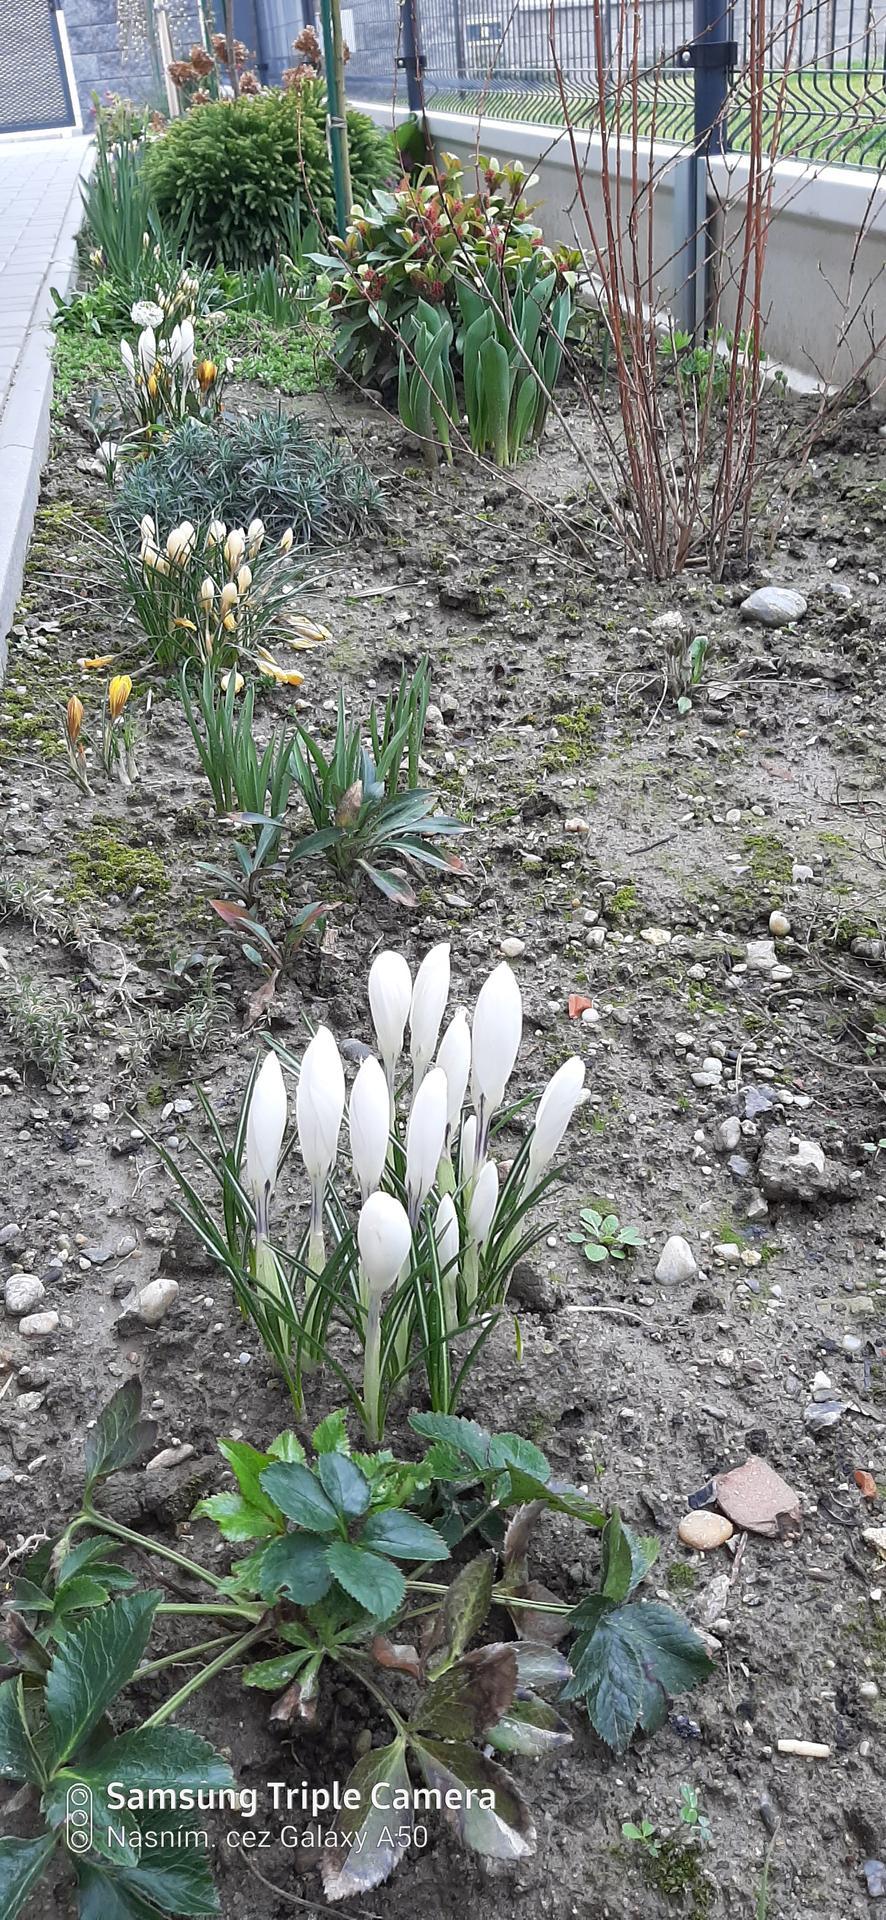 🏠🌞🌺❤🌷 Zahrada a jej dalsi rok...2020 🌱🐞🐛🦋🍓🥕🍅🌺❤ - V hline sa po zime objavilo milion kamenov...